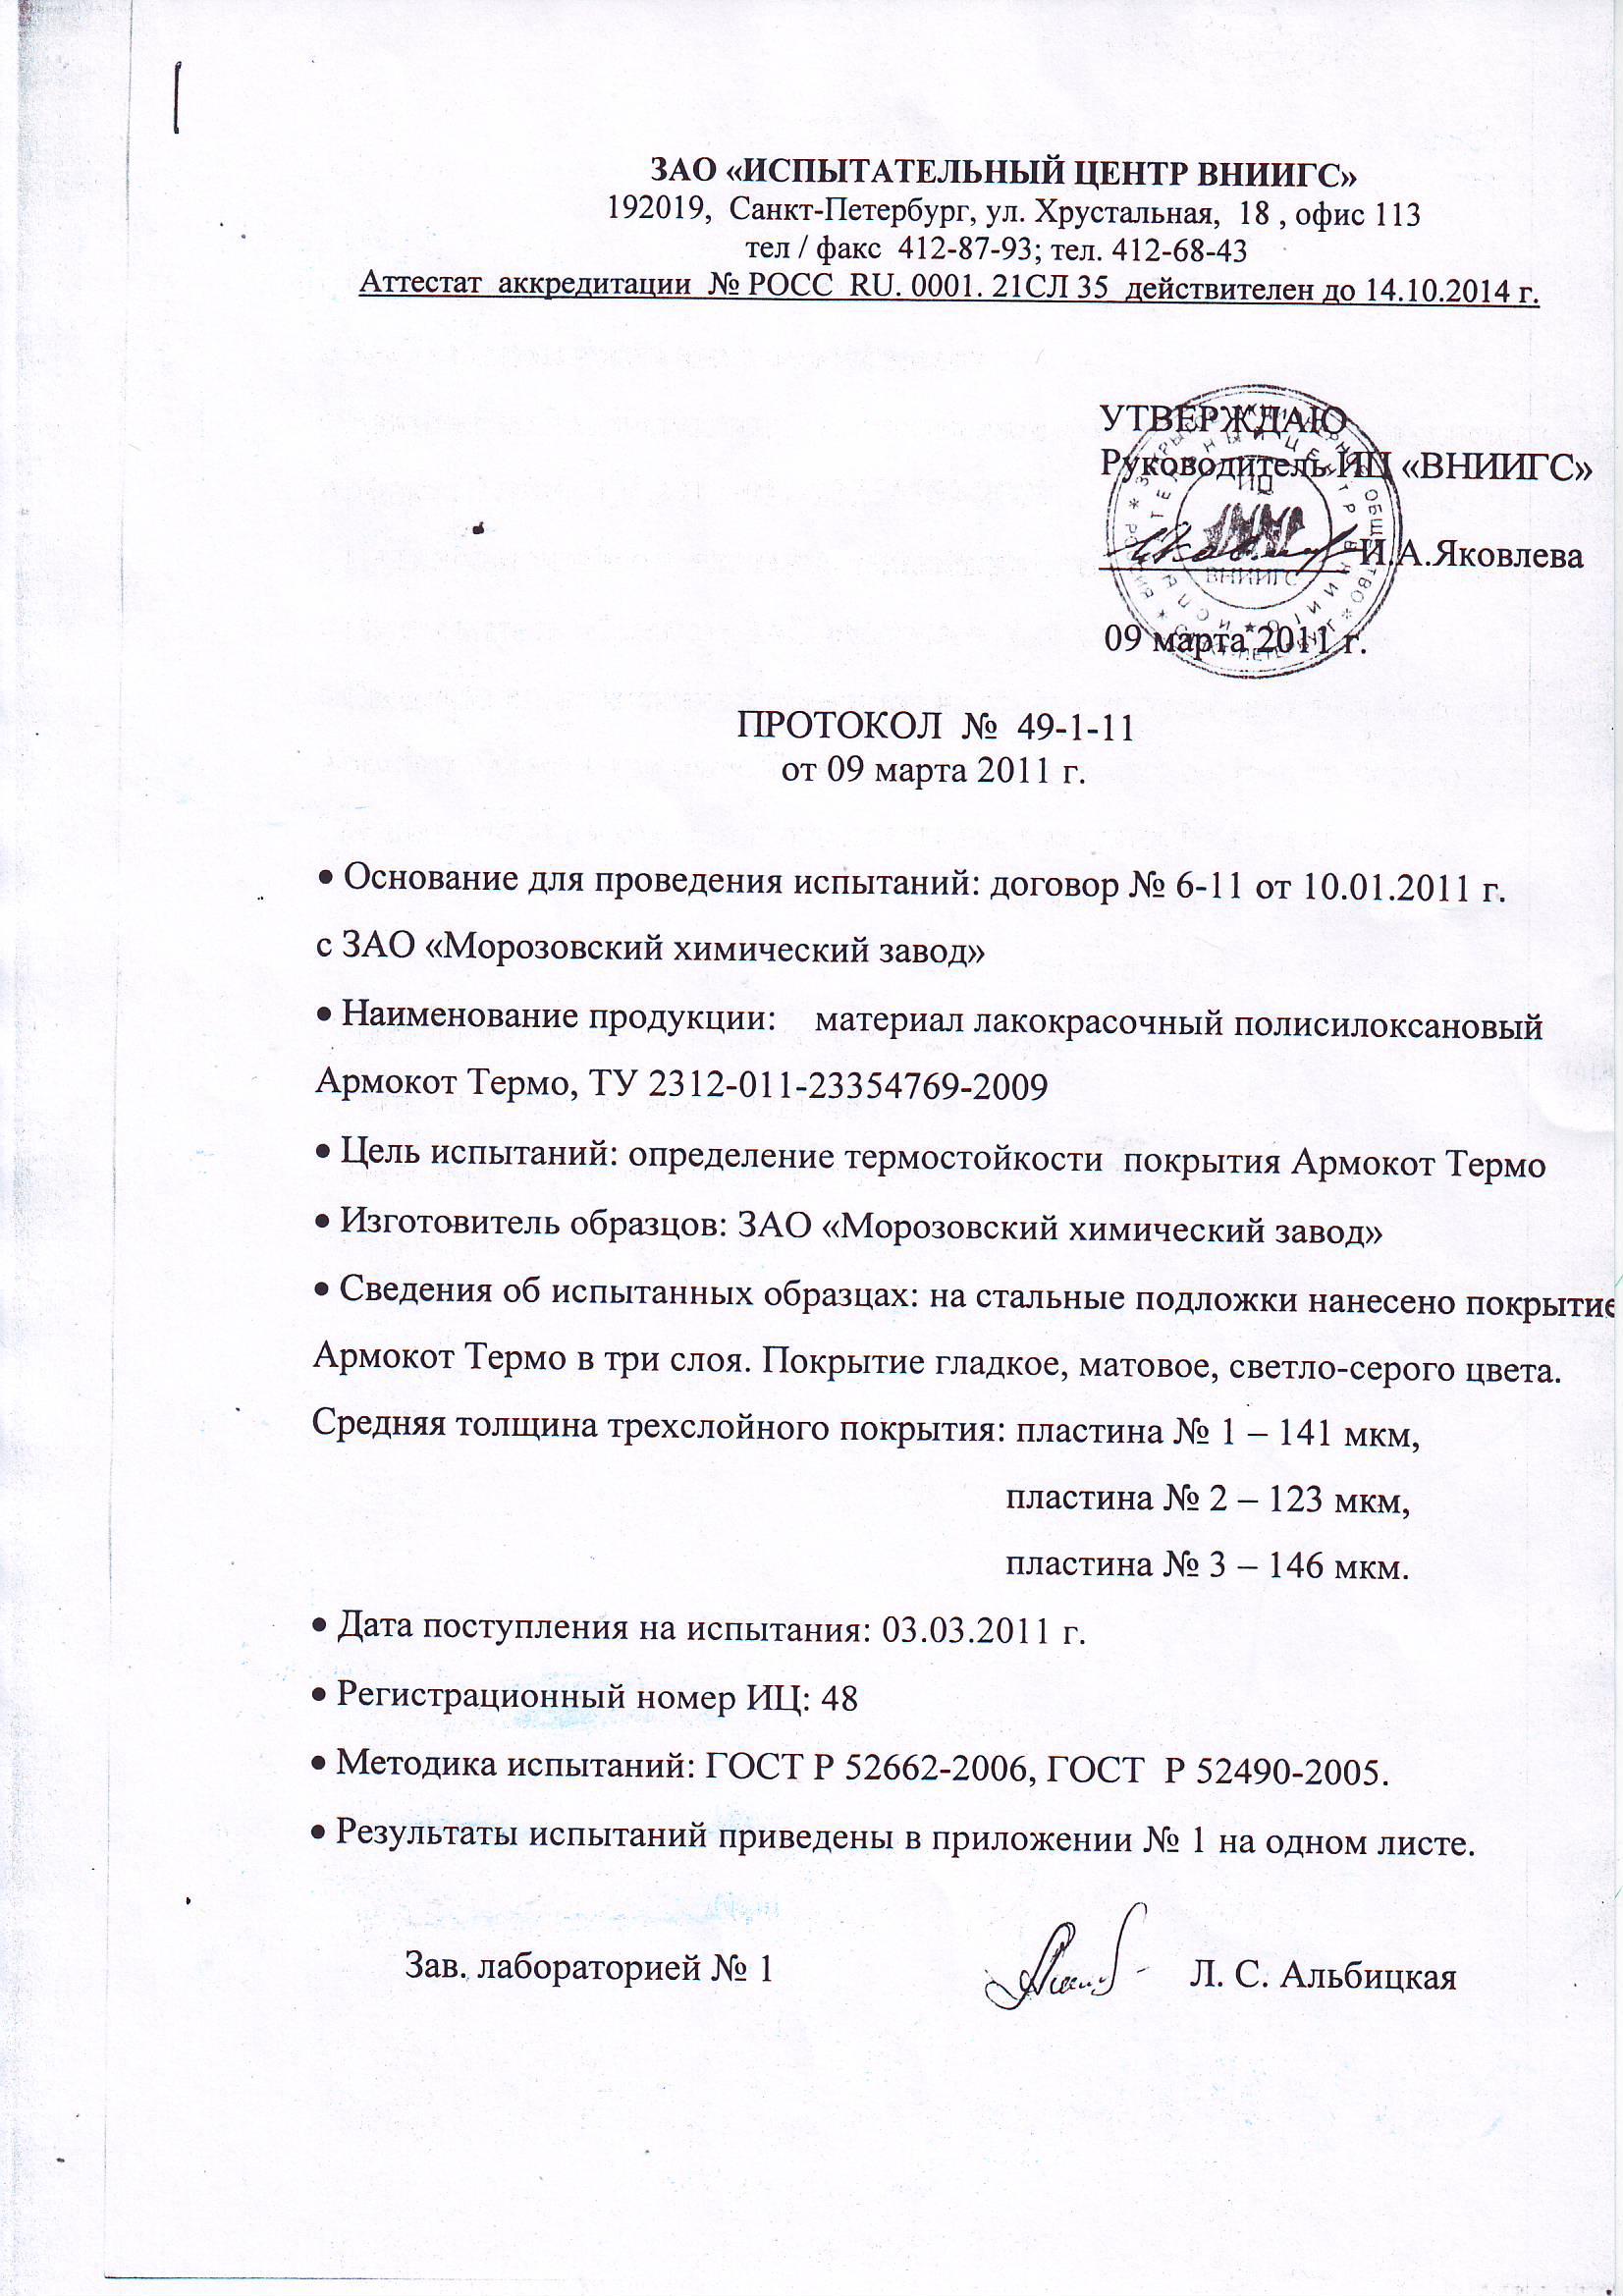 Армокот ТЕРМО испытания на термостойкость до 500 протокол № 49-1-11